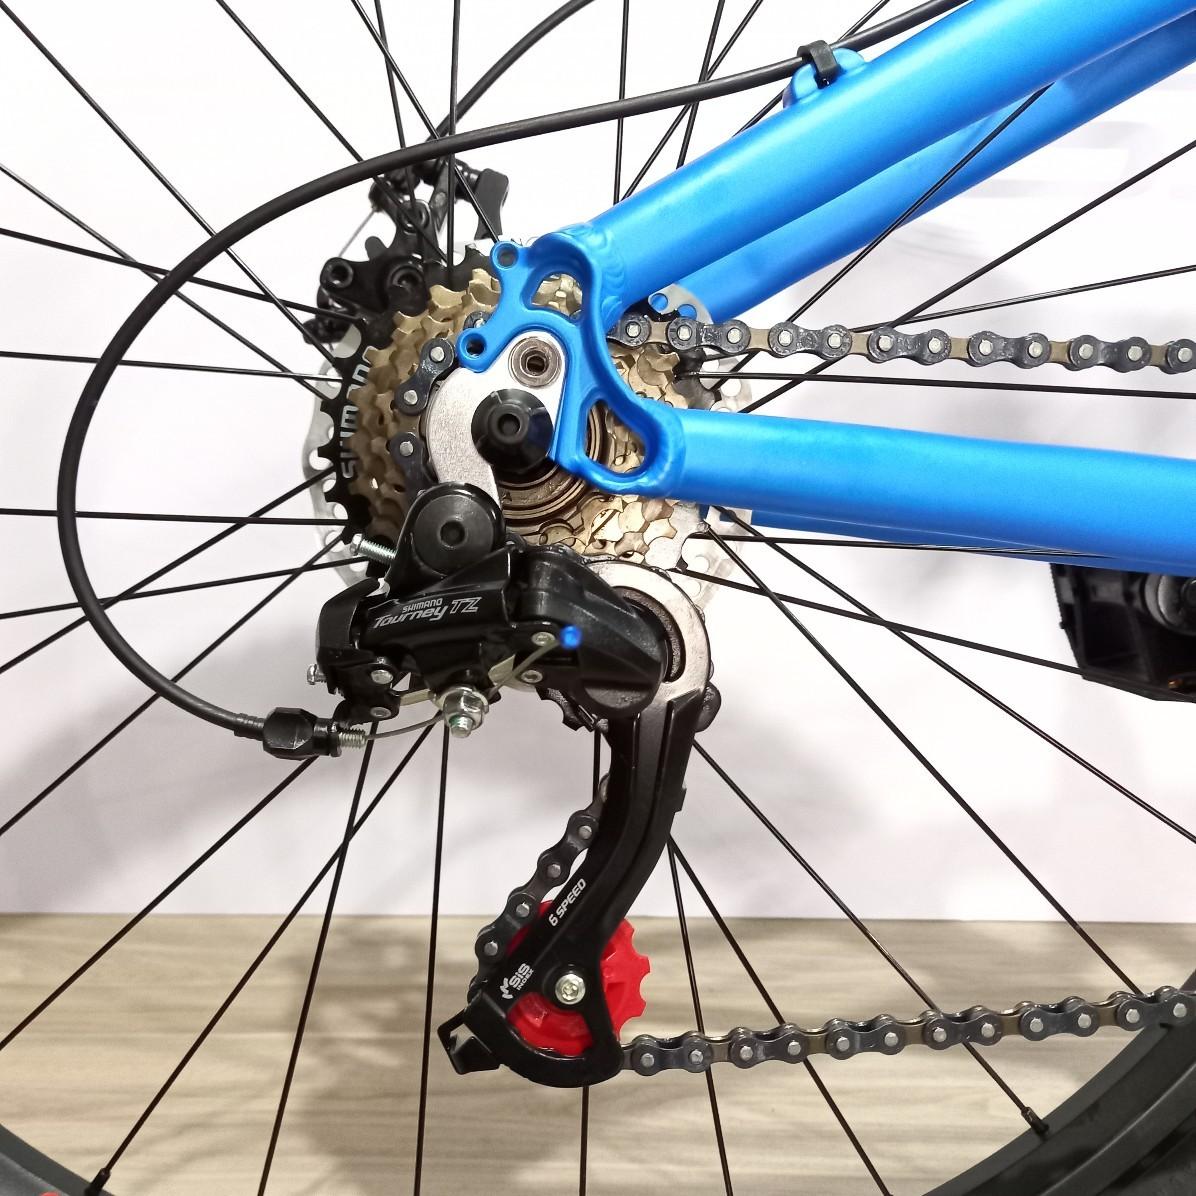 Bicicleta ABSOLUTE Bruthus aro 26 - 7v Shimano - Freio a Disco - Suspensão Mode